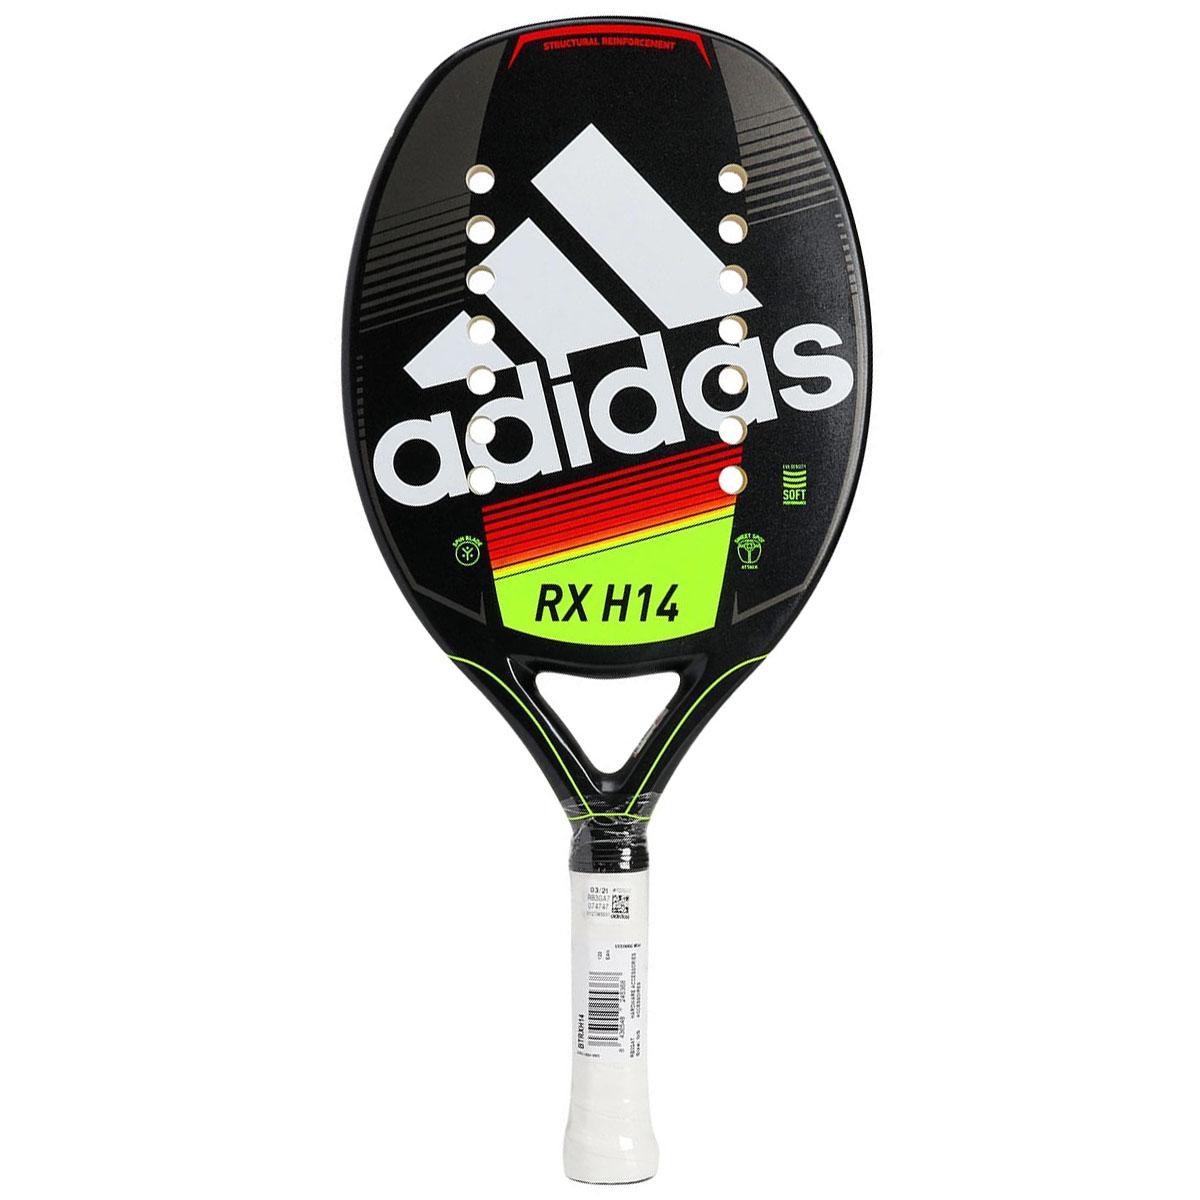 Raquete de Beach Tennis Adidas RX H14 Preta e Amarela + 3 Bolas  - REAL ESPORTE